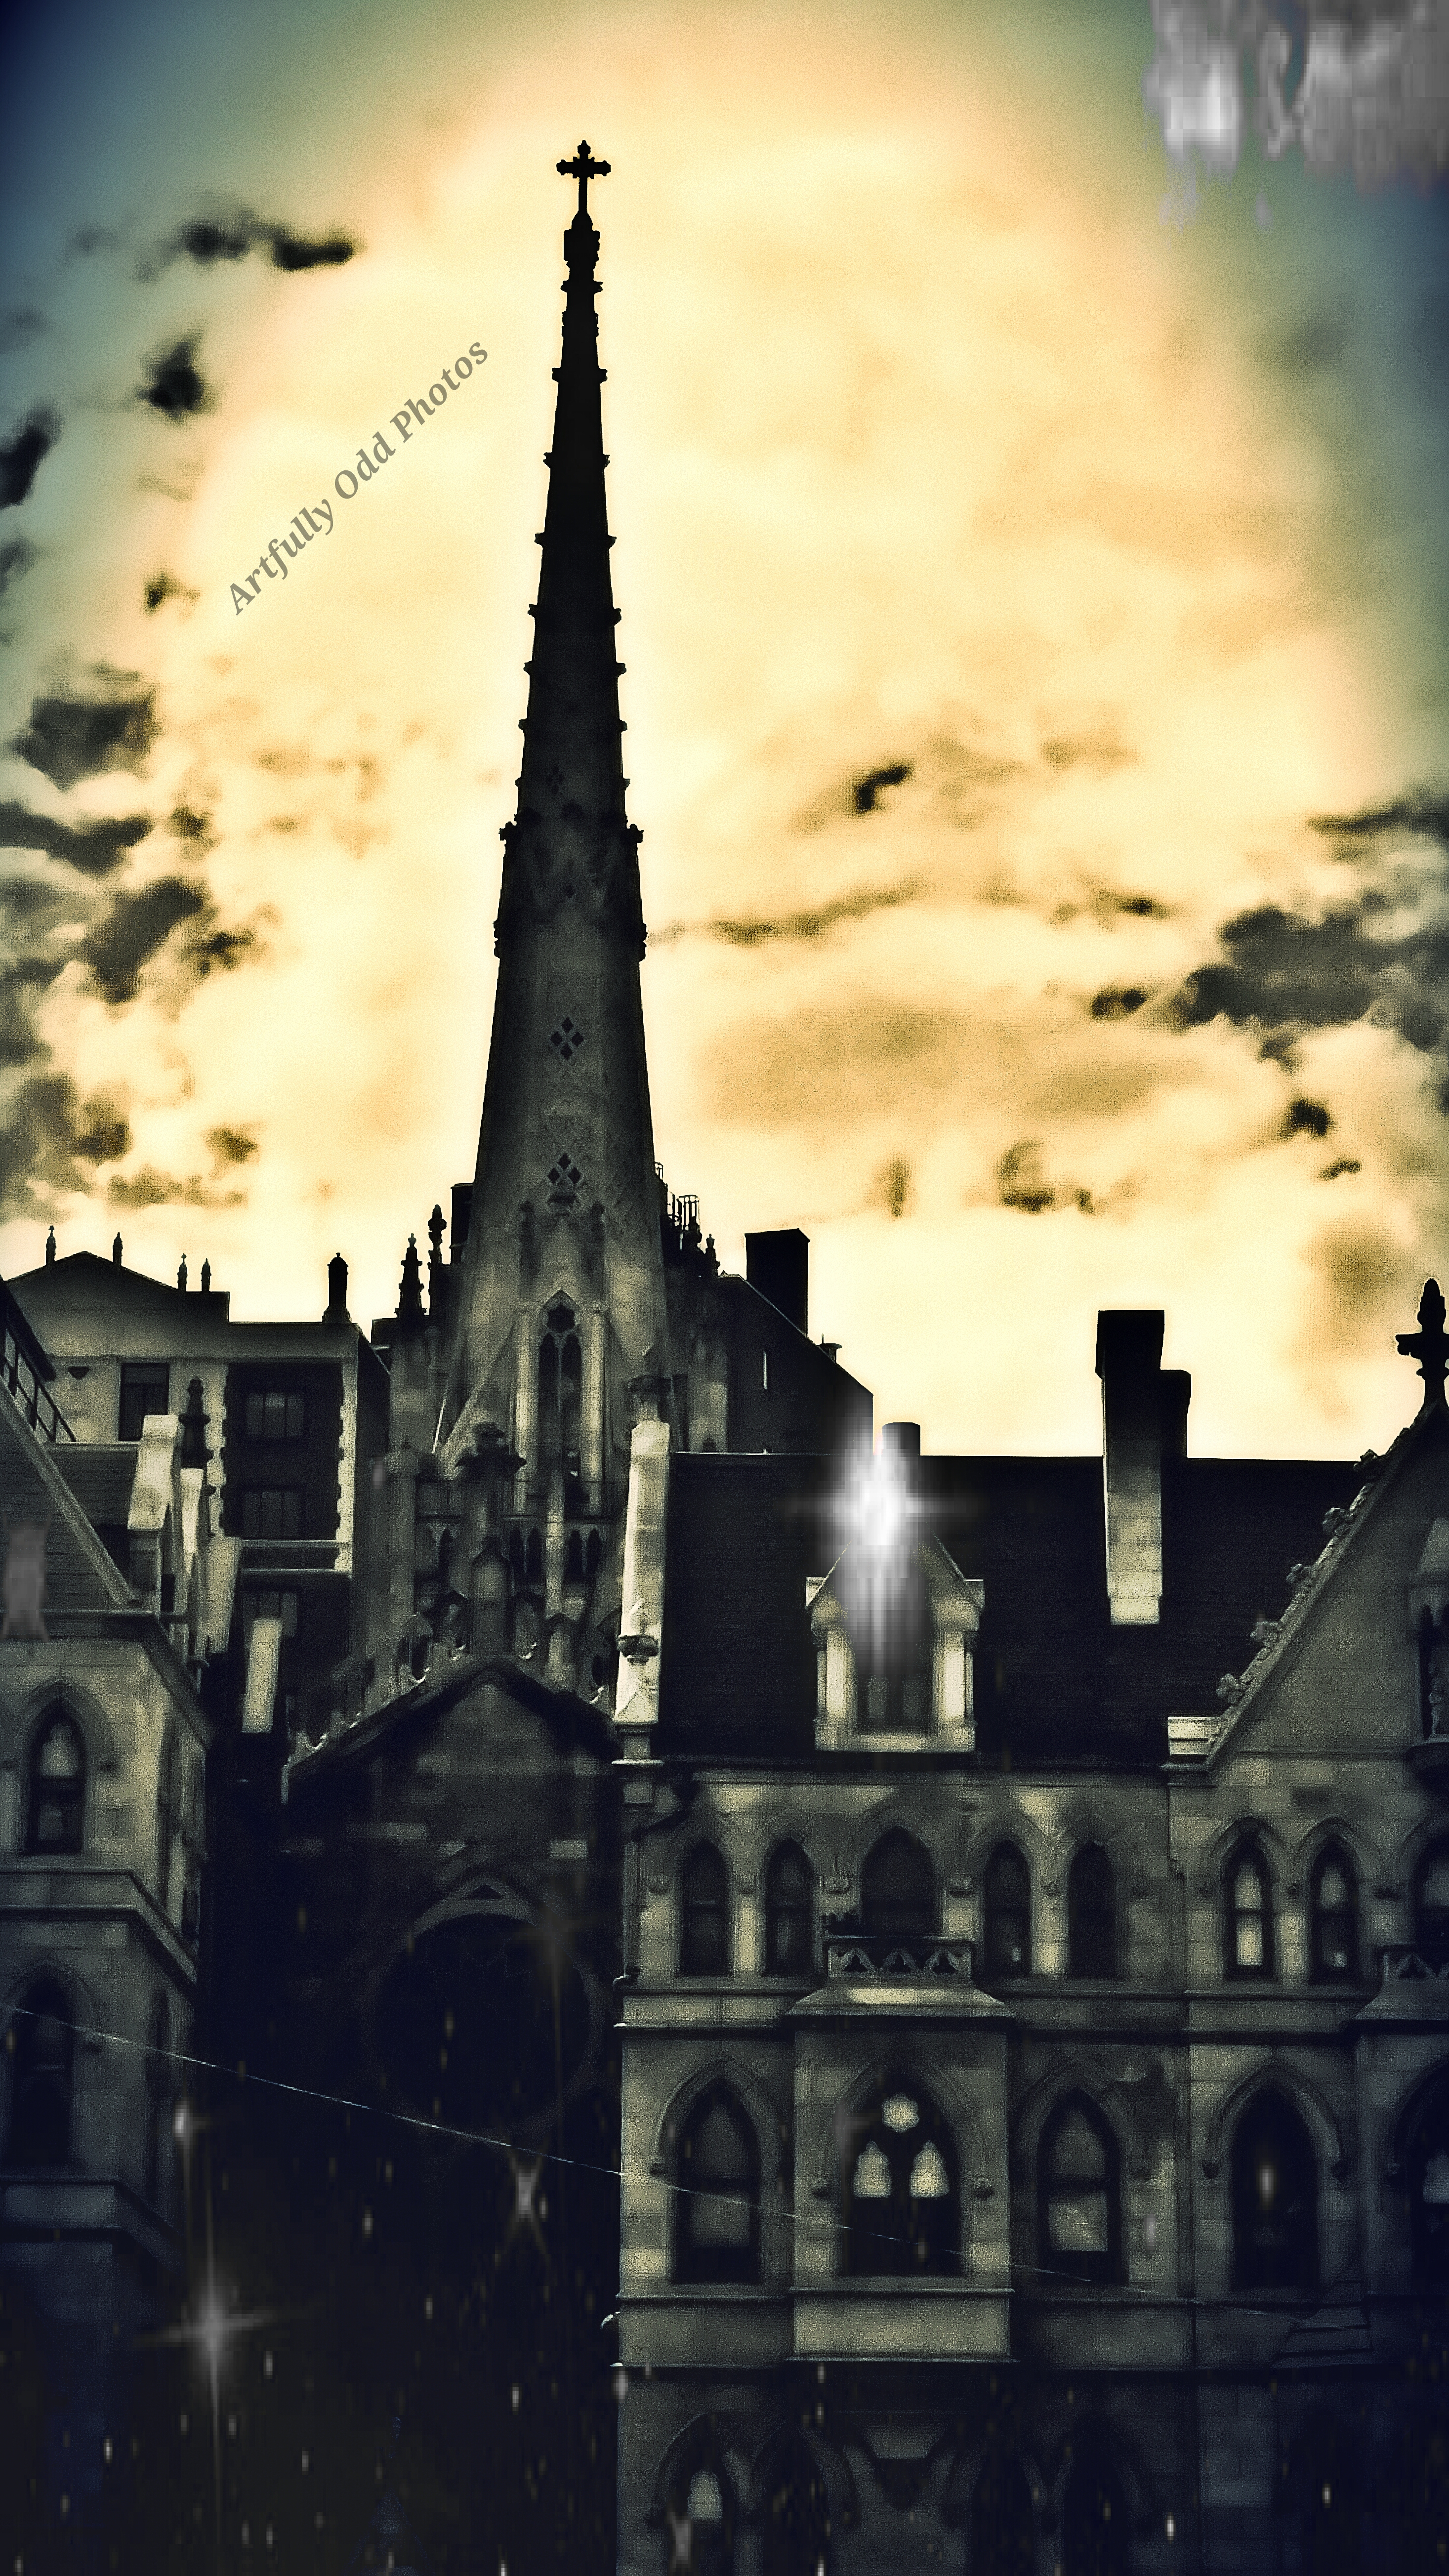 gothic steeeple